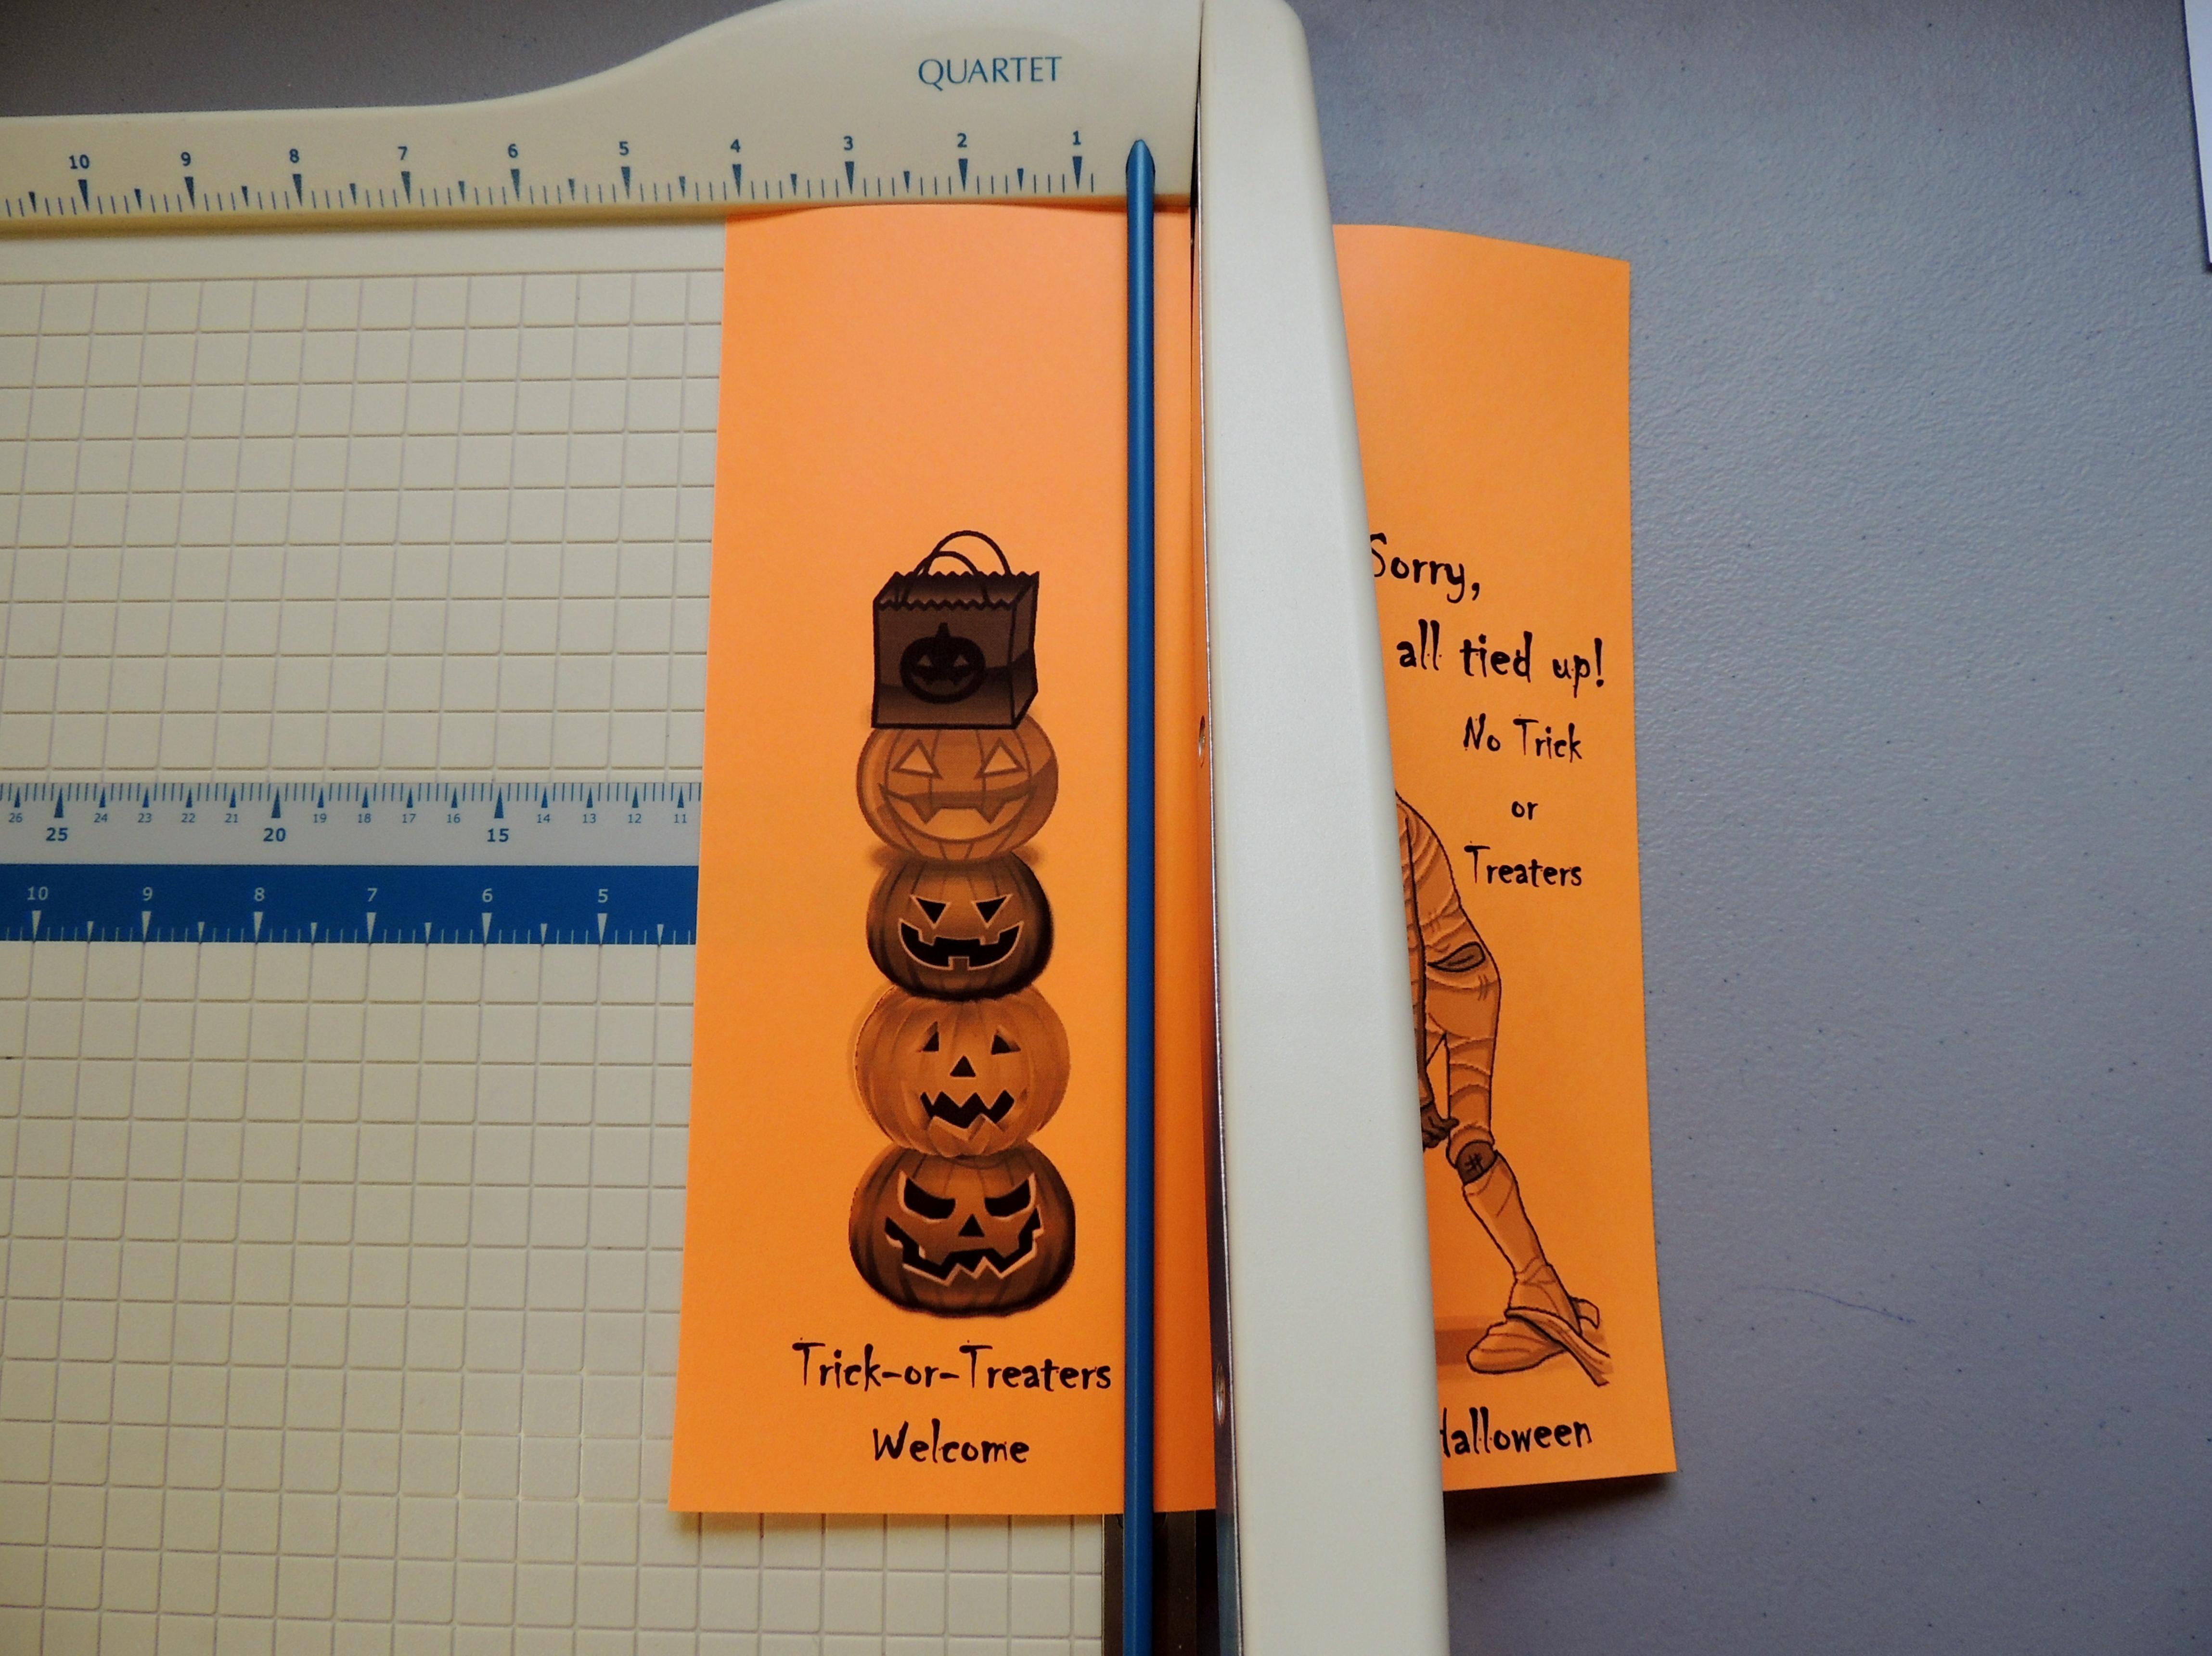 Free Printable Halloween Door Hanger For Your Apartment Community - Halloween Door Hangers Free Printable